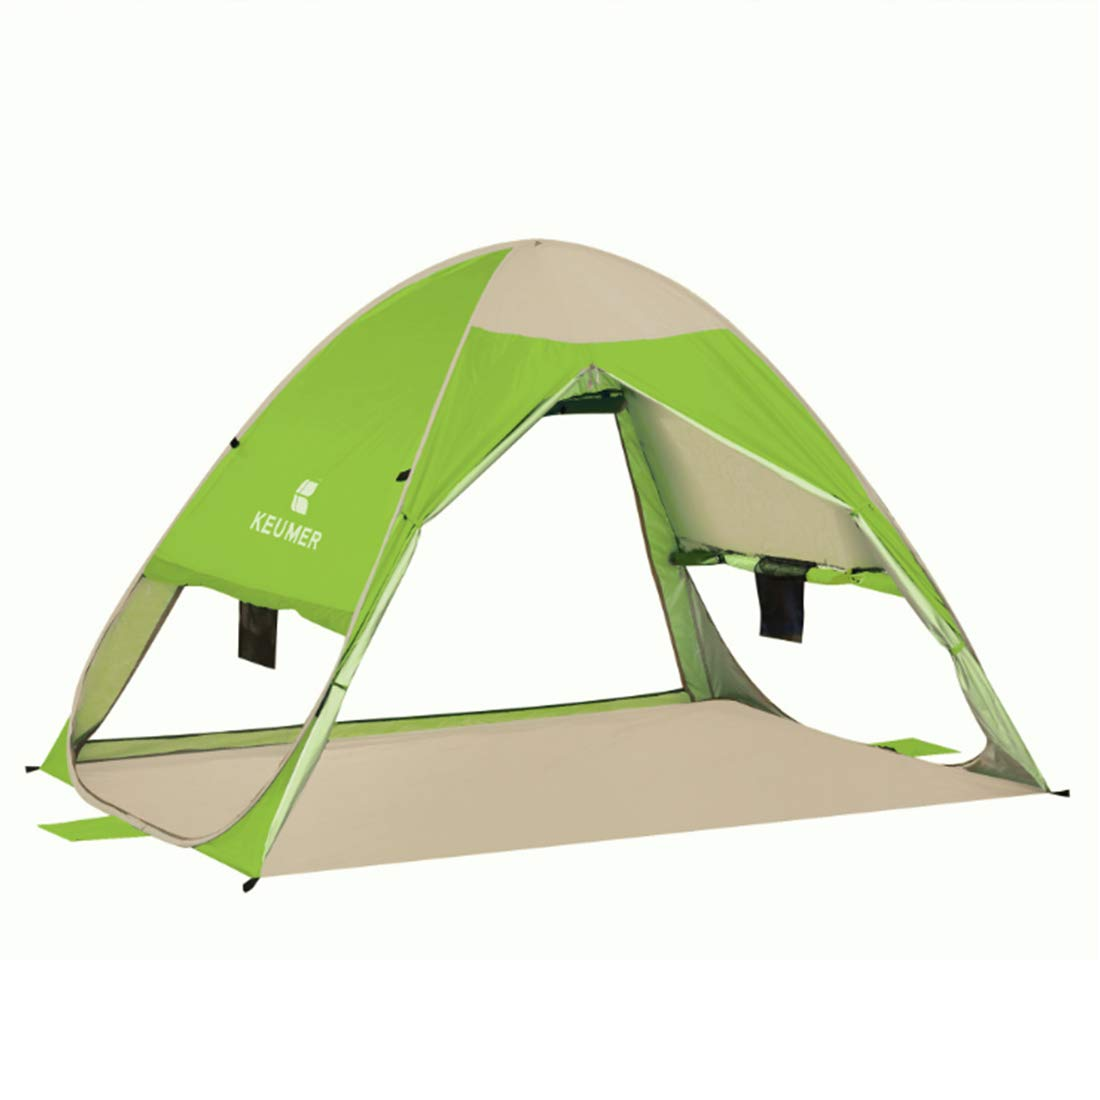 Olprkgdg 3-Personen- oder 2-Personen-Outdoor-Zelt für Wild-Camping (Farbe : Grün)